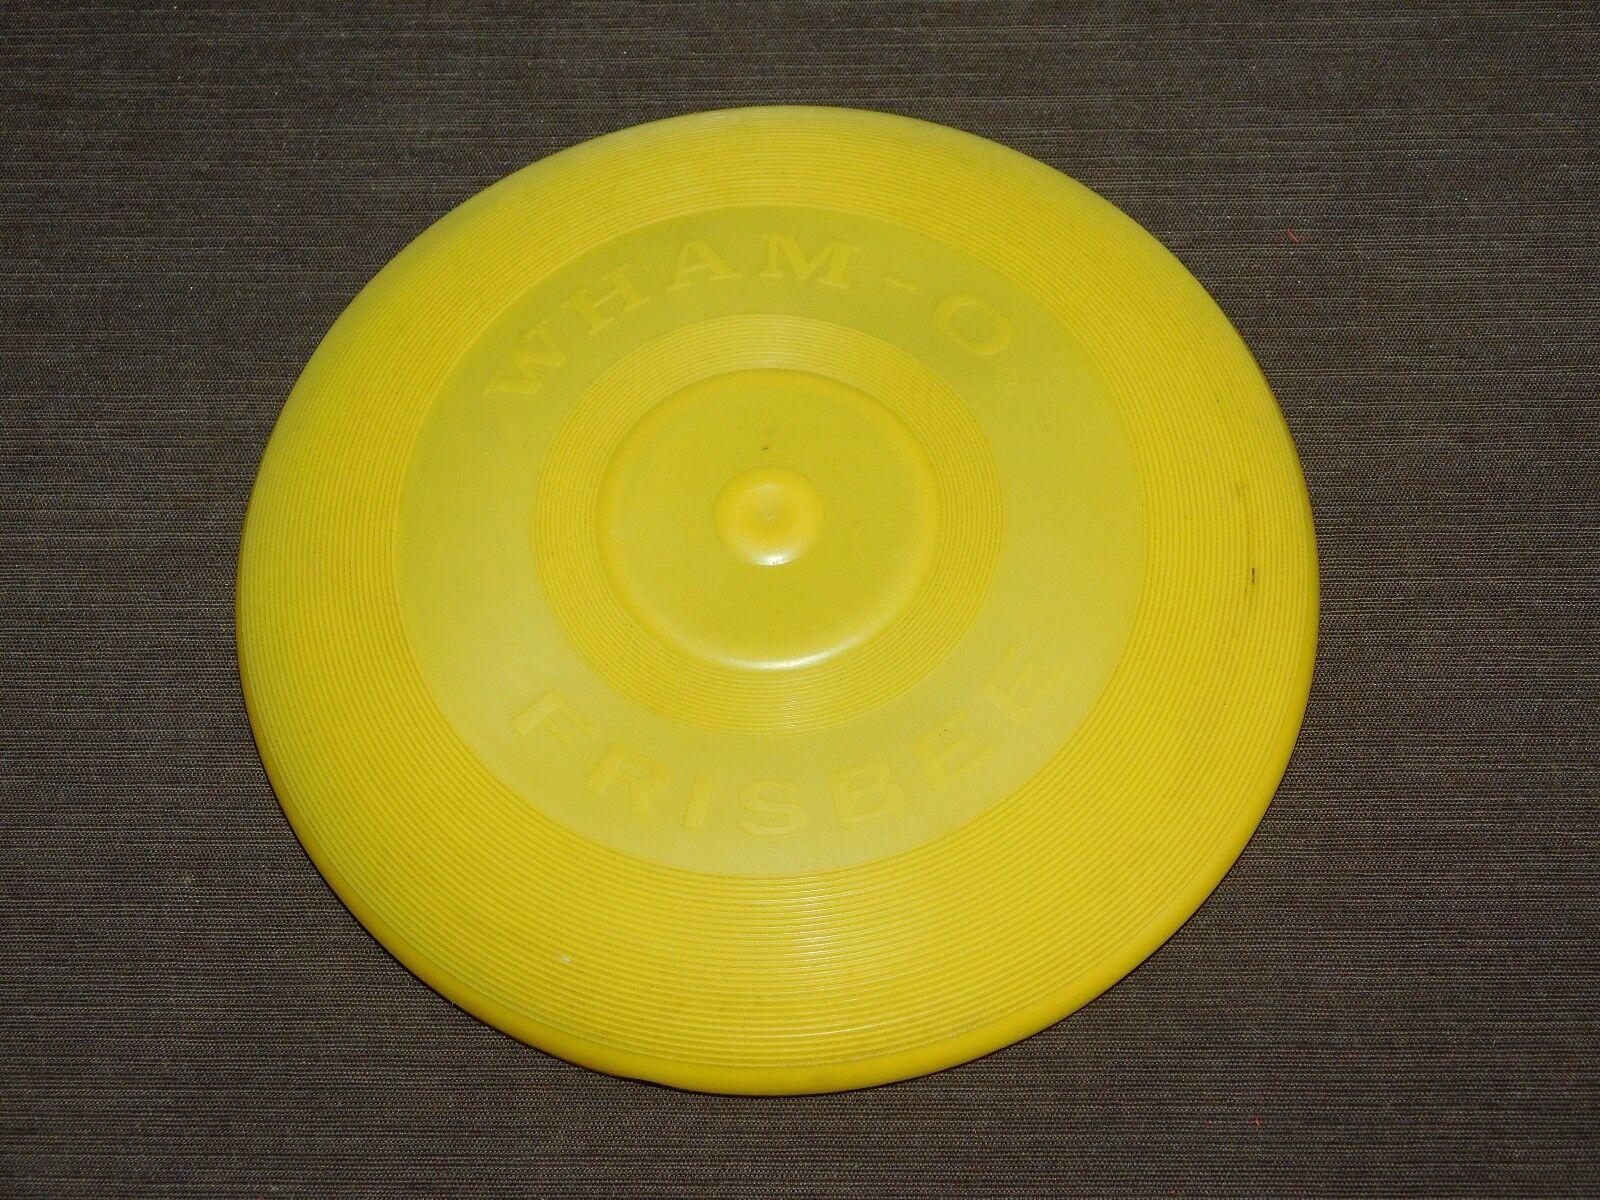 Alten spielzeug - 8 3   4  in 1966 wham-o gelbe frisbee